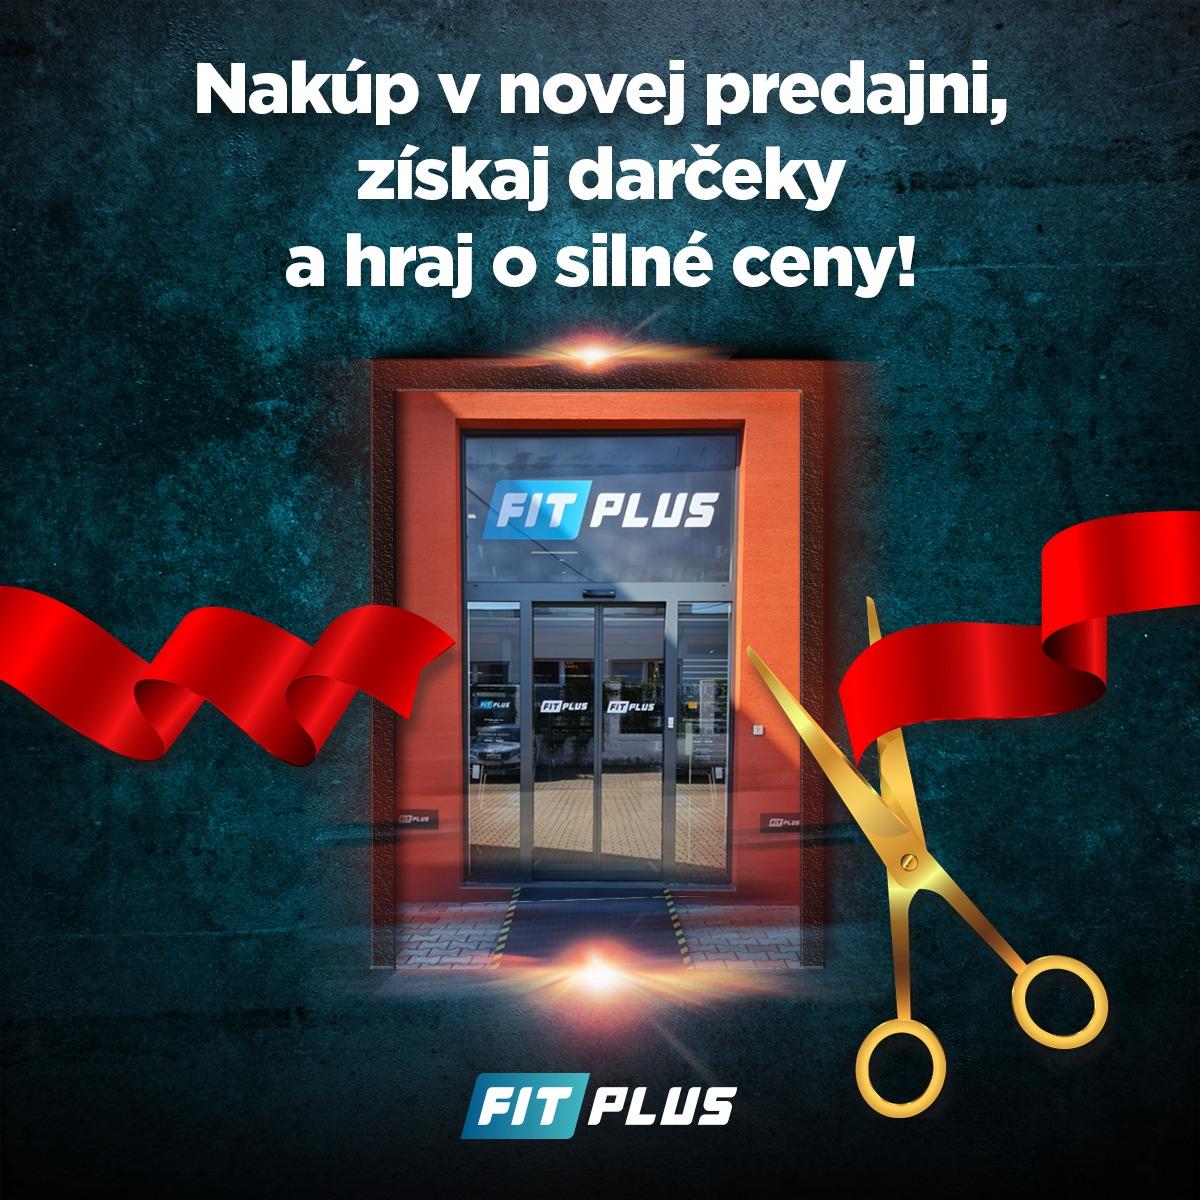 Nova samoobsluzna predajna FIT PLUS v Bratislave